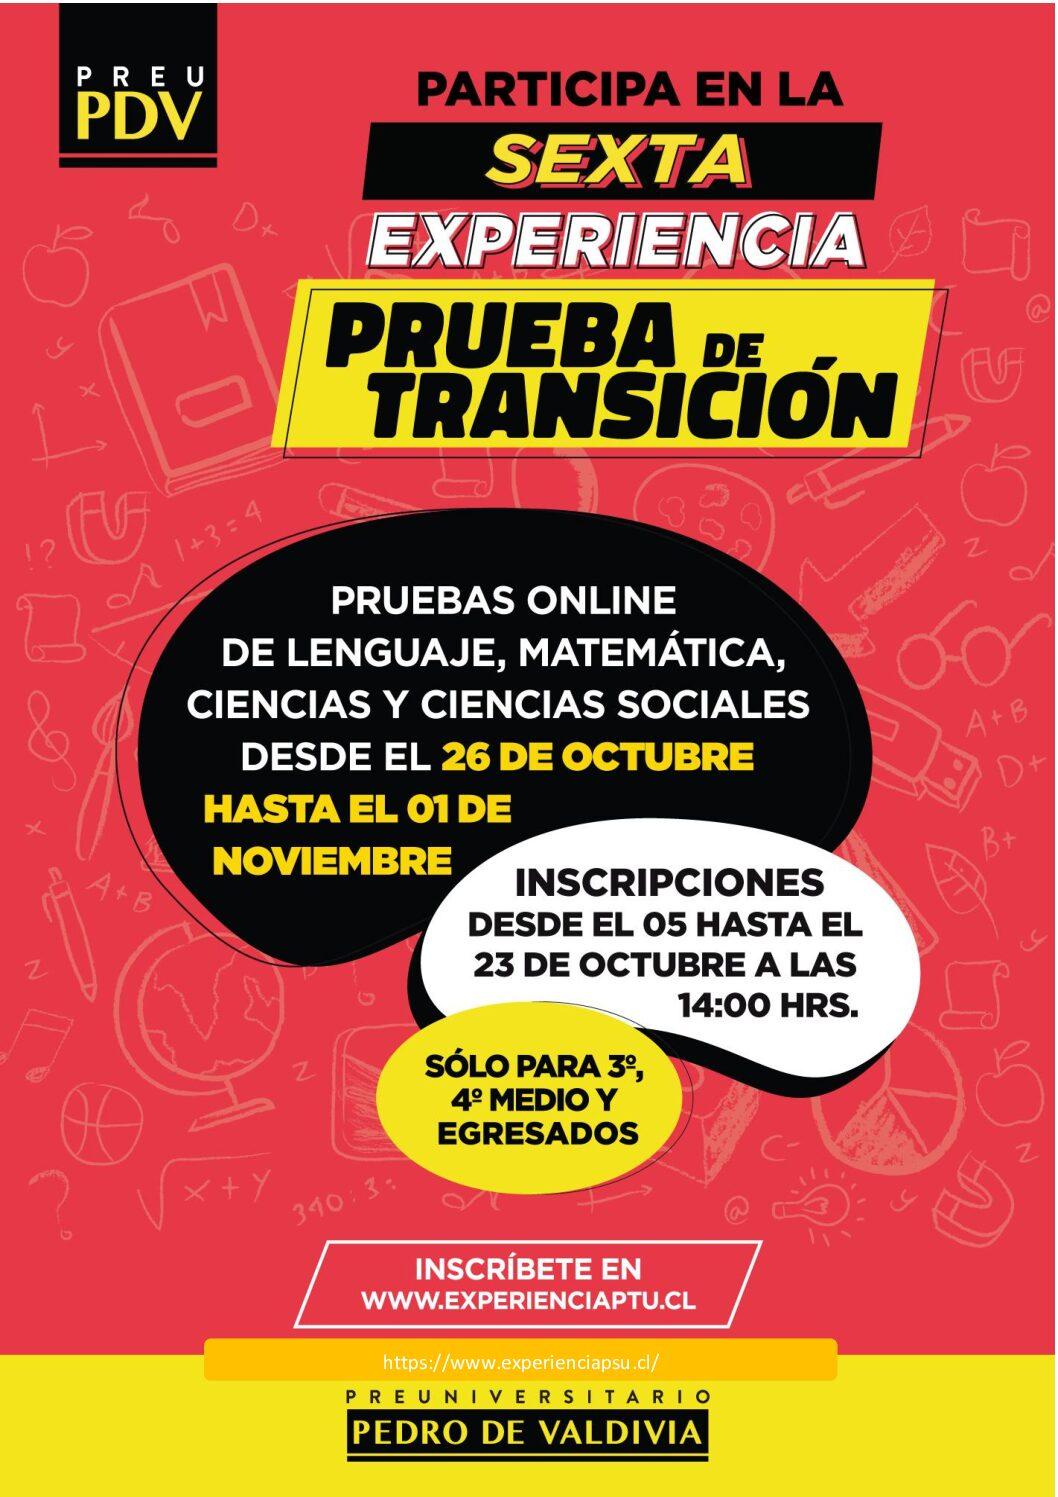 Sexta Experiencia - Prueba de Transición Preuniversitario Pedro de Valdivia